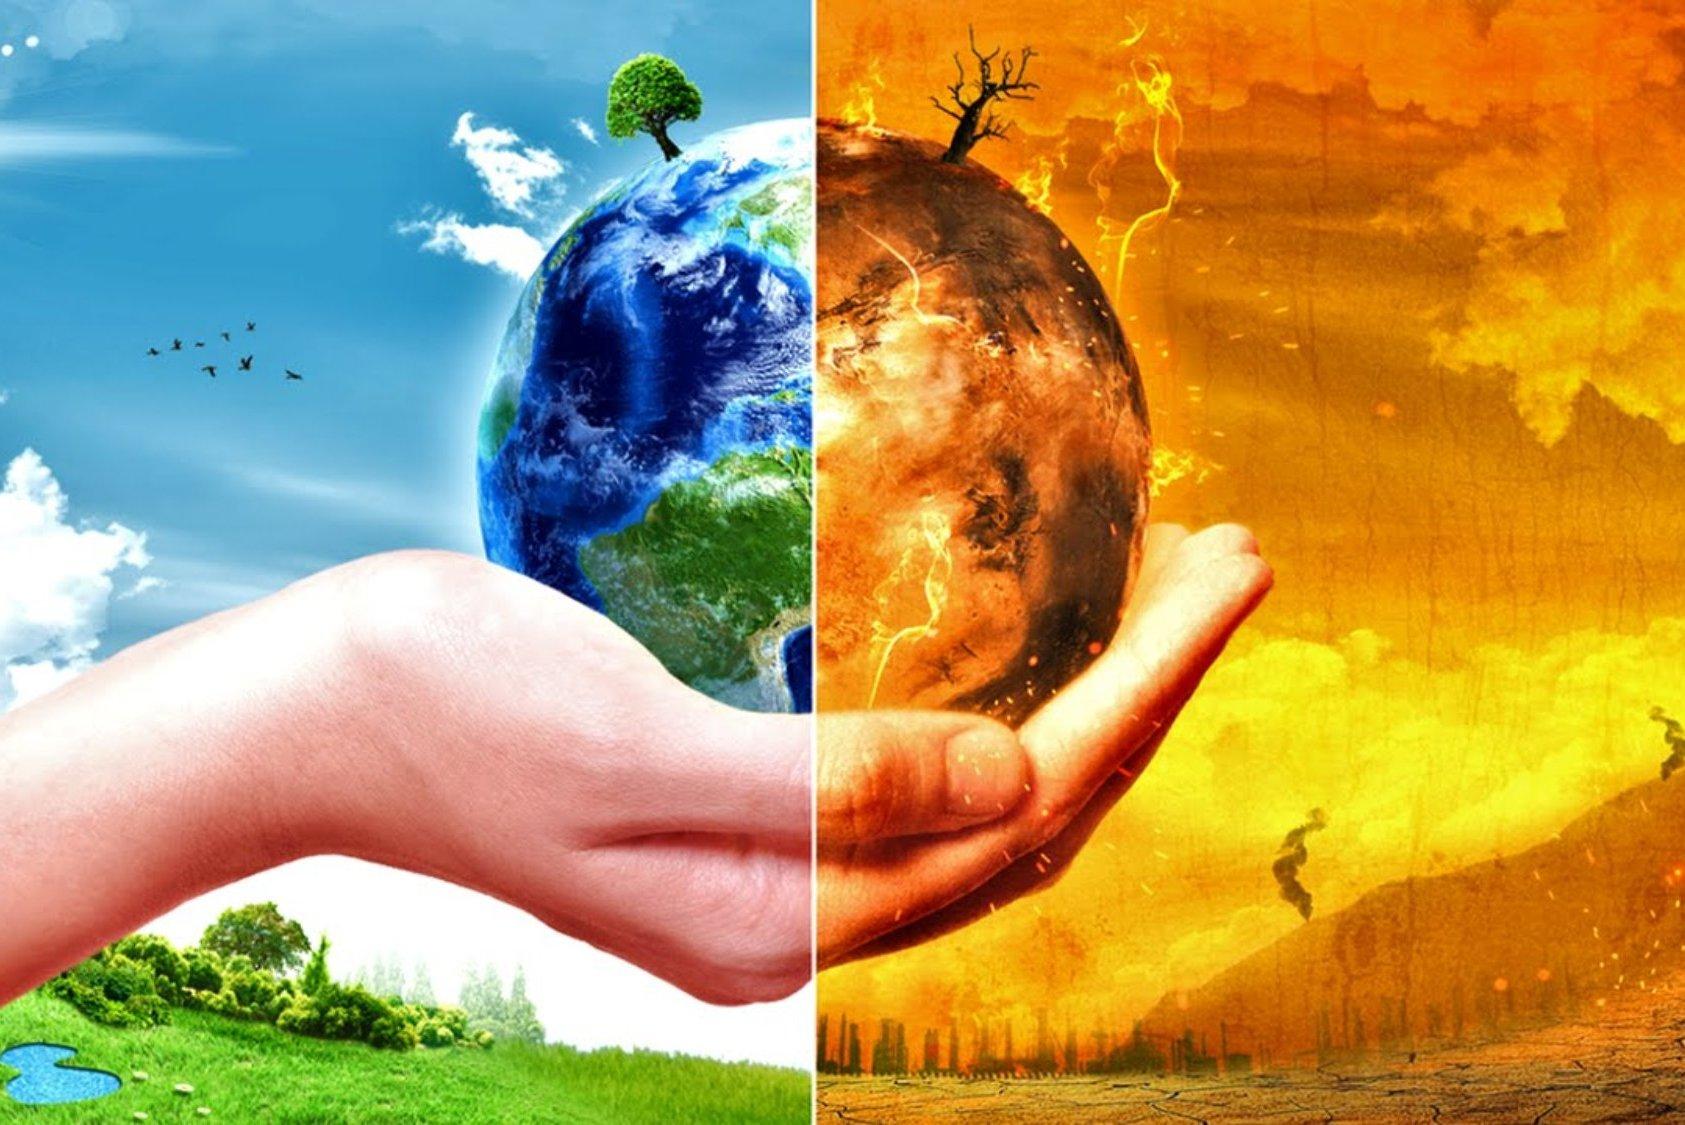 Disparità sociale e disparità ecologica: la rivoluzione mancante è quella ambientale